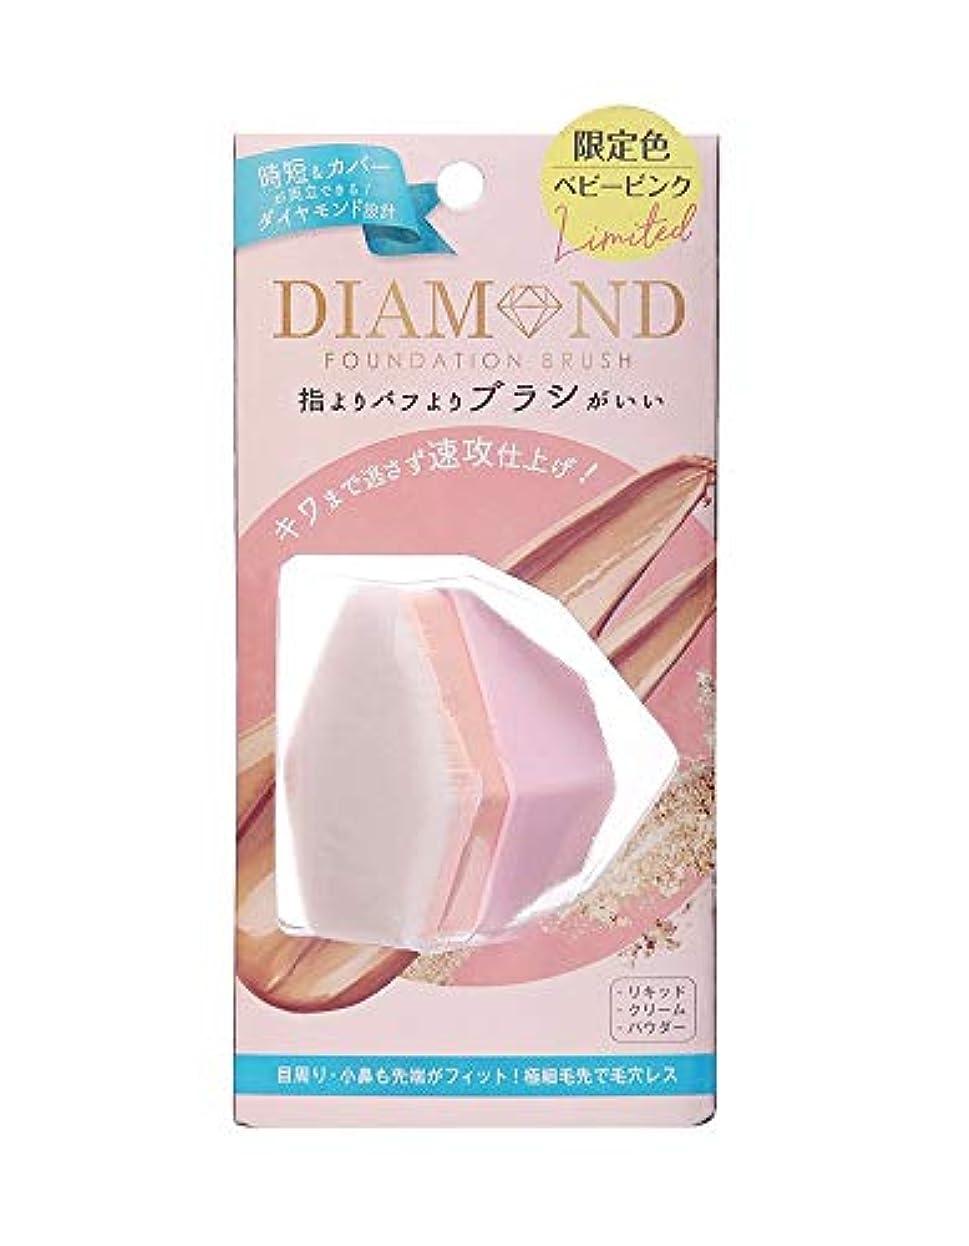 アナウンサー少ないその後ラッキーウィンク ダイヤモンドファンデーションブラシ ベビーピンク DIB1501